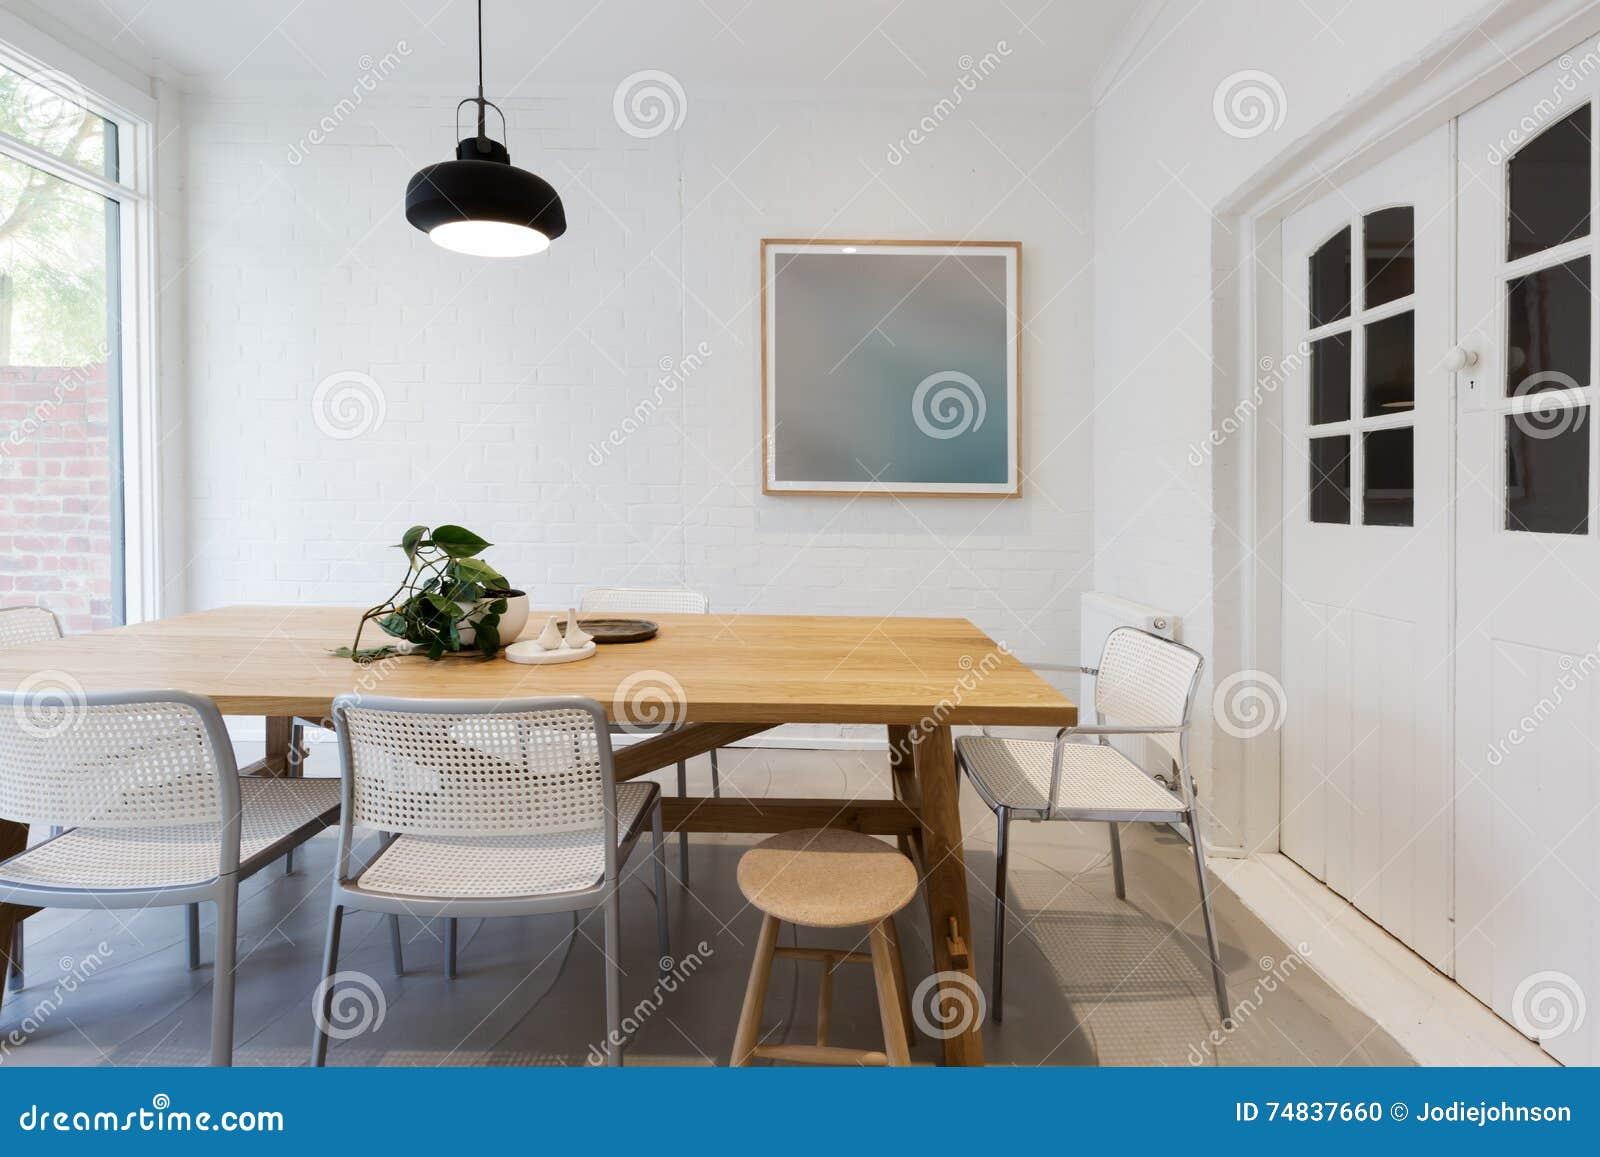 Le Scandinave moderne a dénommé la salle à manger intérieure avec le lig pendant